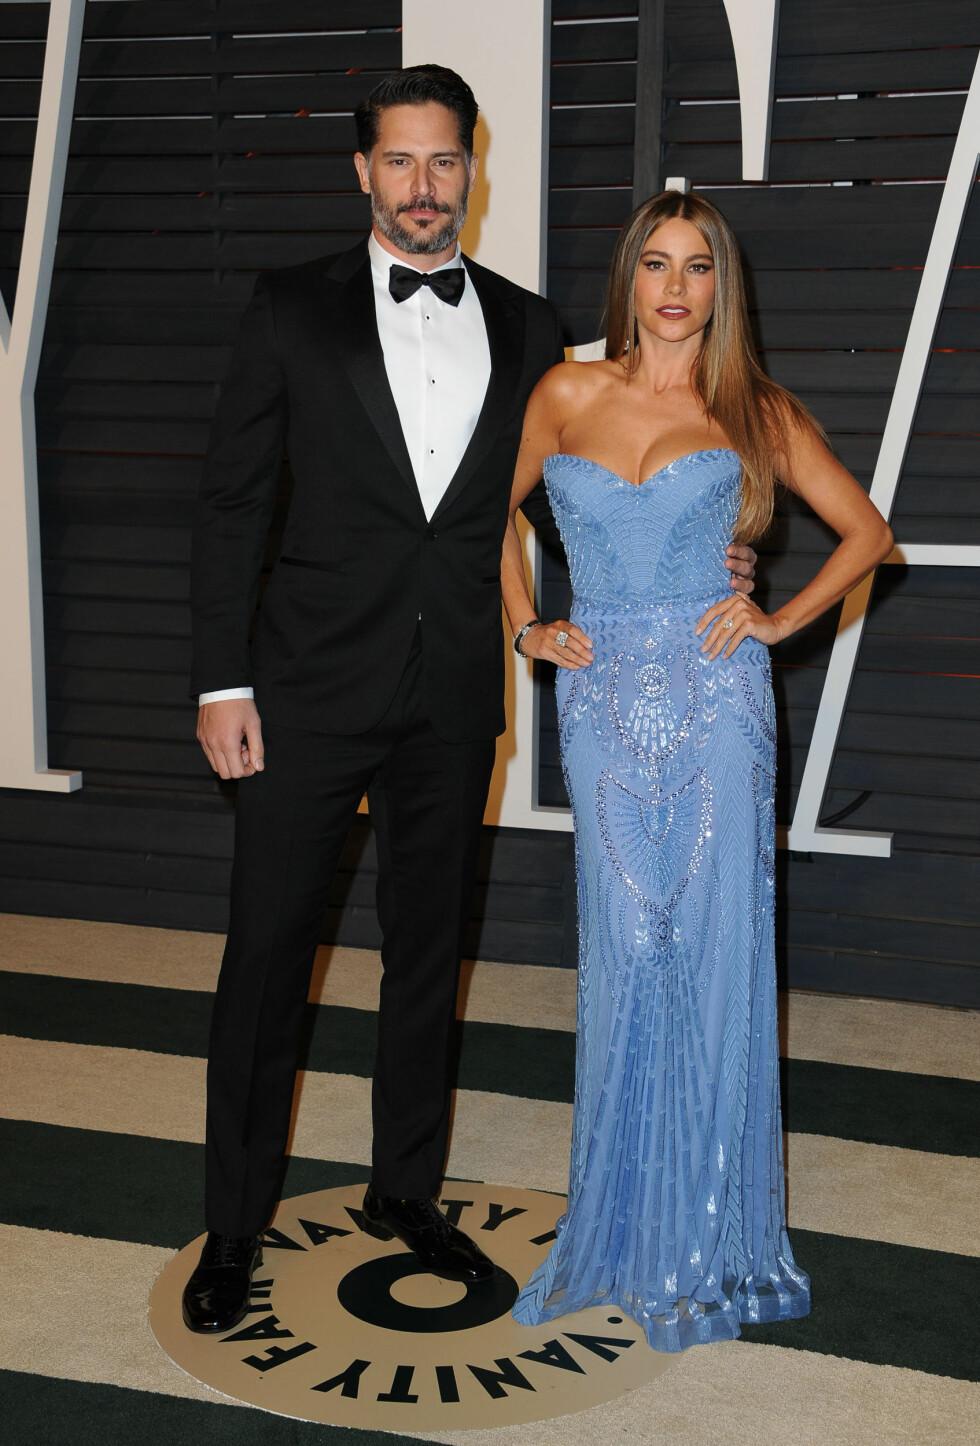 FAVORITT: Da paret deltok på Vanity Fair sitt Oscar-arrangement, hadde Sofia også på seg en kjole fra Zuhair Murad. Foto: SipaUSA